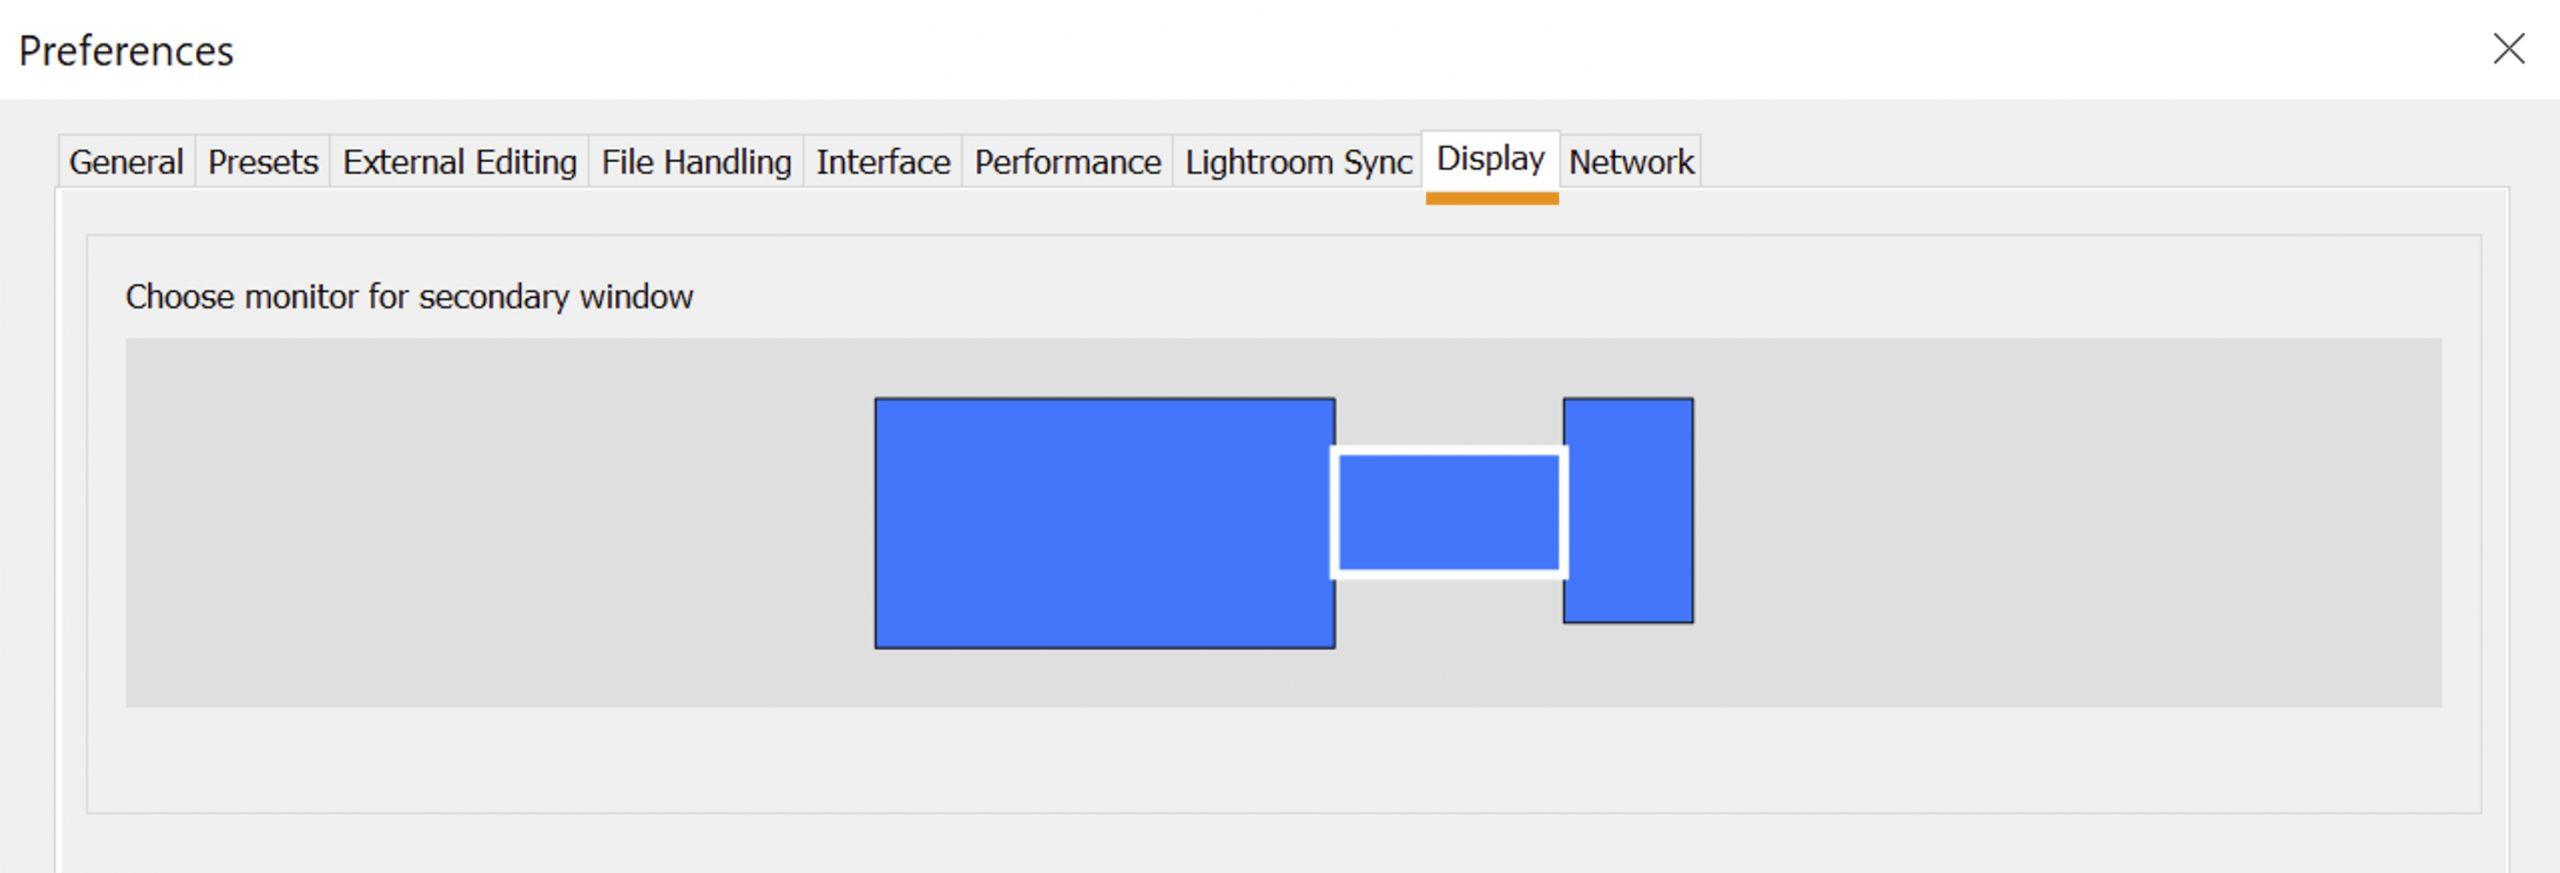 Adobe tar med sig nya funktioner till Lightroom som Split View på iPad och nya exportalternativ 5